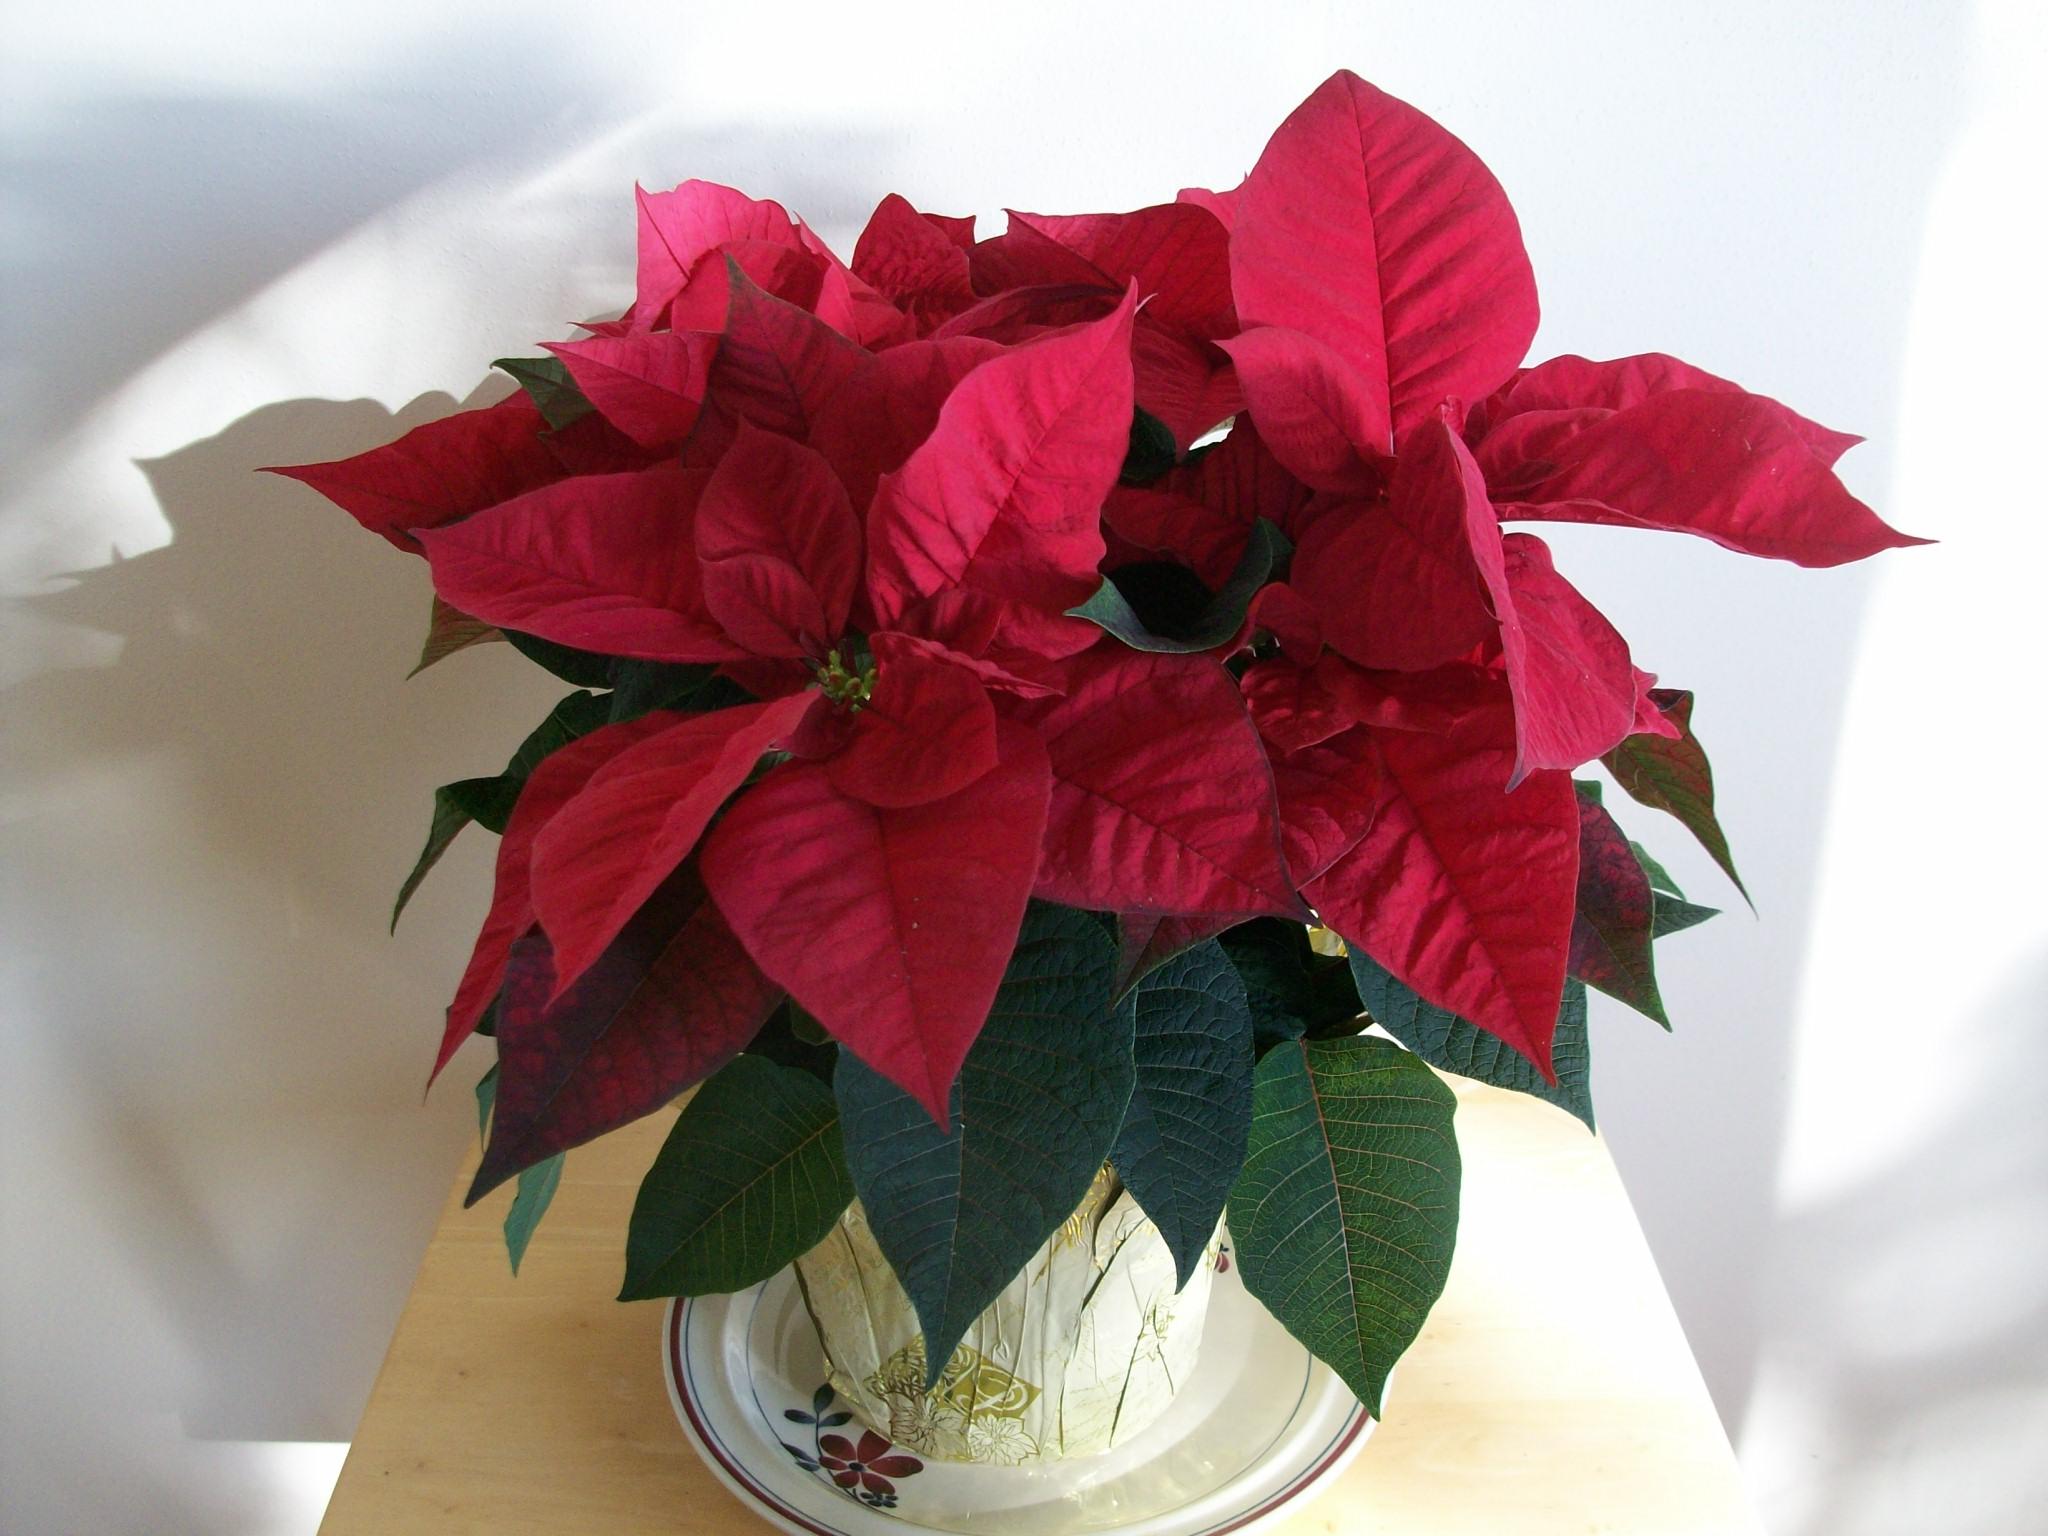 Cuidado flor de pascua jardineria poinsettia soler y - Flor de pascua cuidados ...